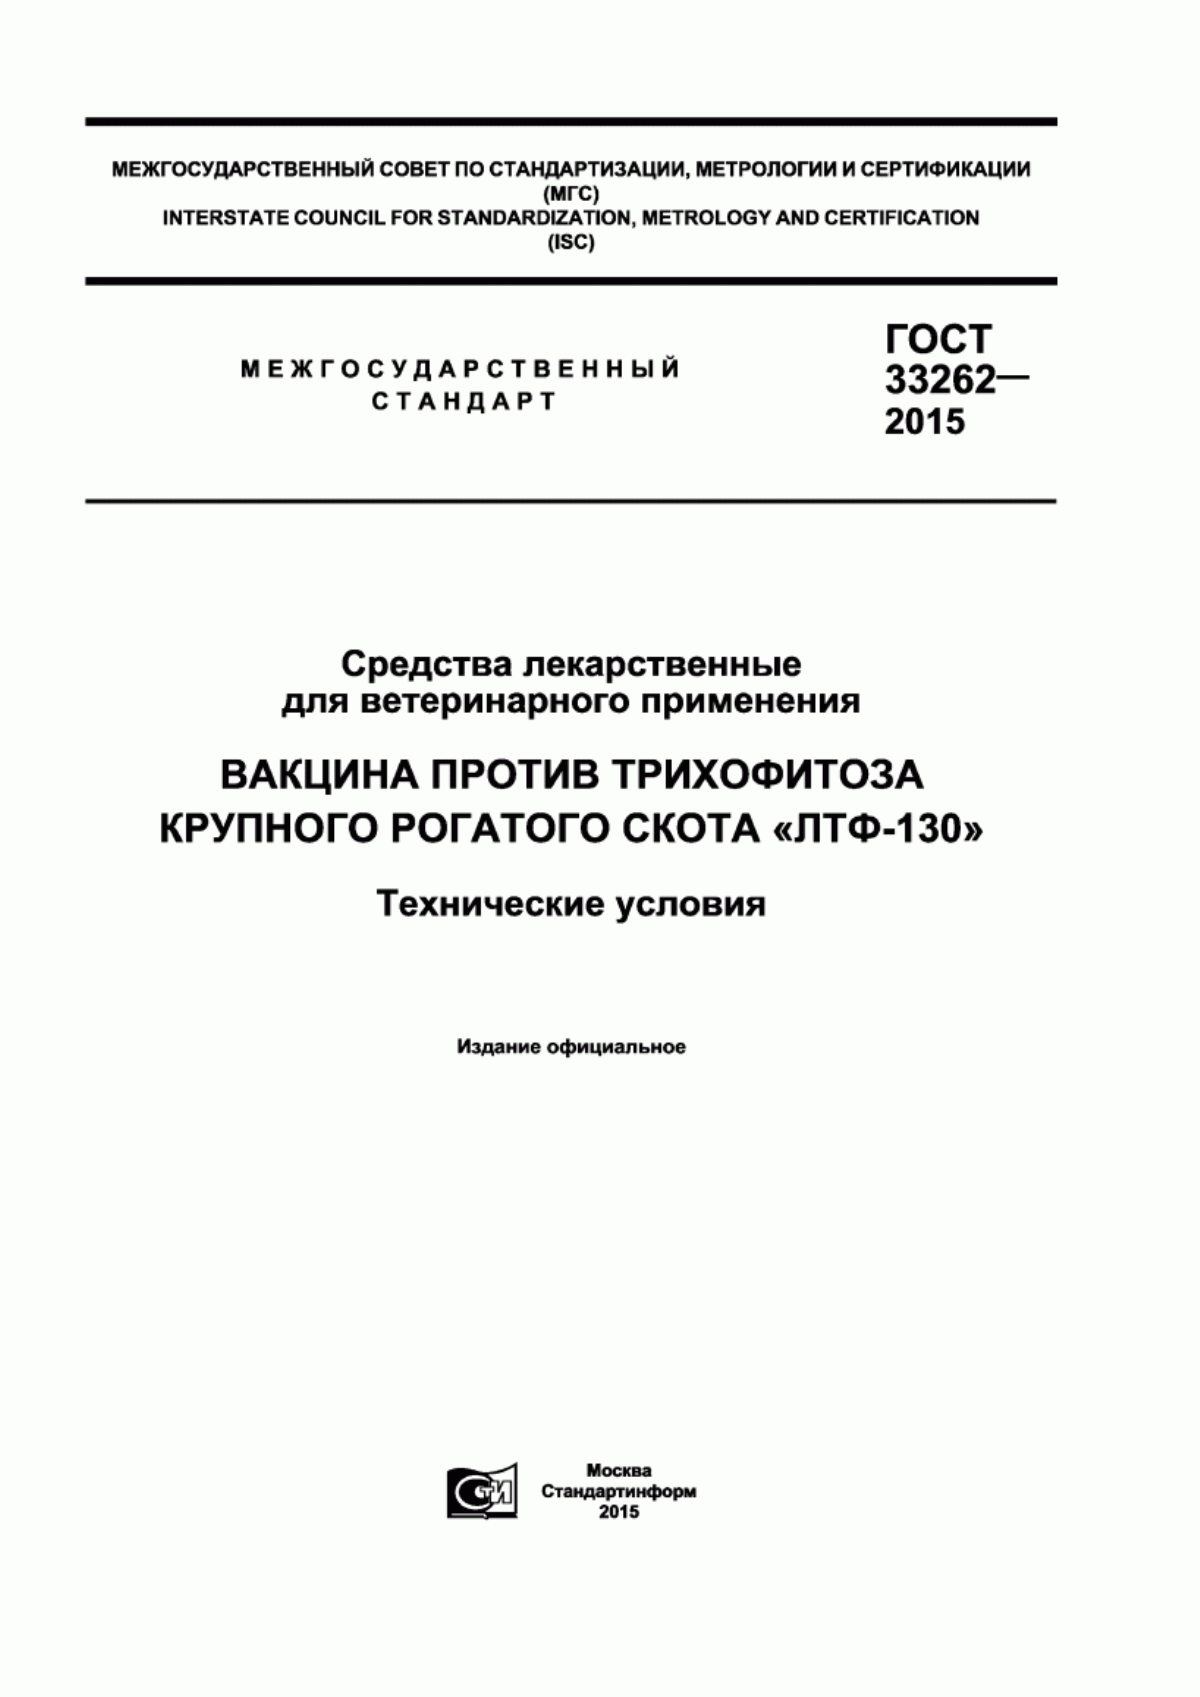 Гост 33262-2015 средства лекарственные для ветеринарного применения. вакцина против трихофитоза крупного рогатого скота «лтф-130». технические условия